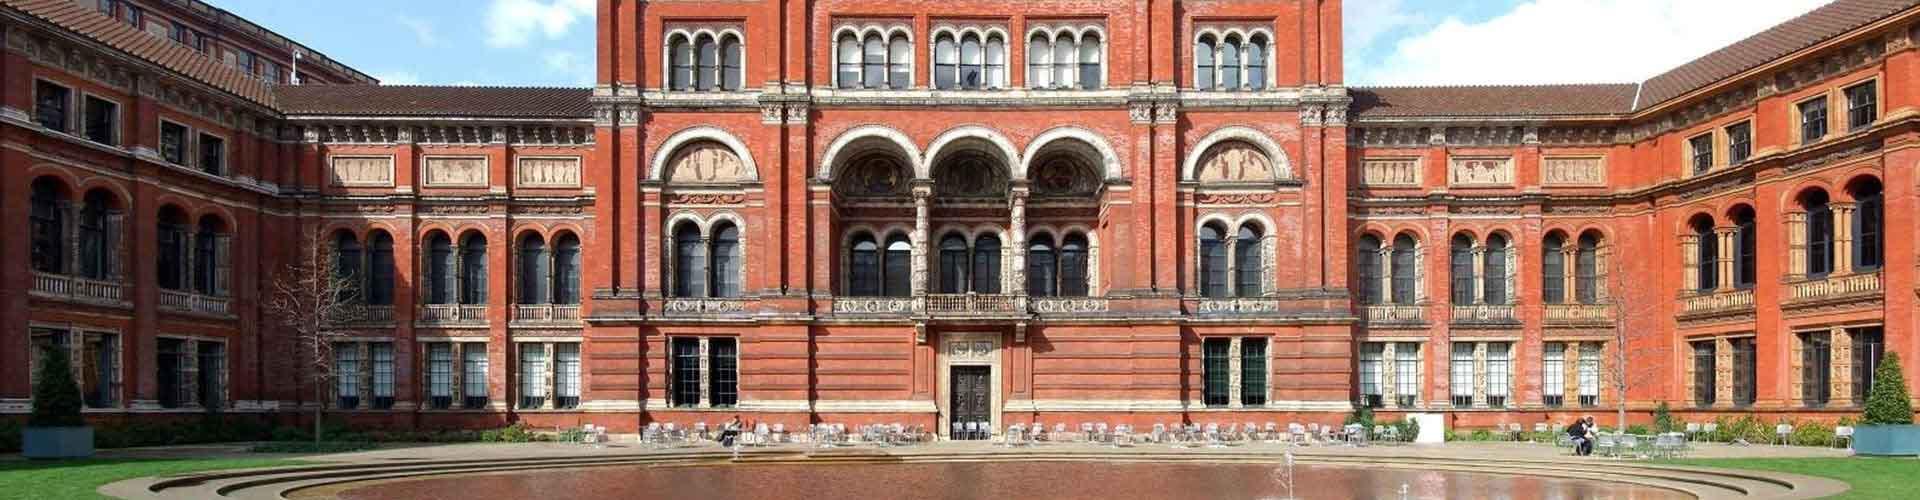 Londyn - Hostele w pobliżu: Muzeum Victorii i Alberta. Mapy: Londyn, Zdjęcia i Recenzje dla każdego hostelu w mieście: Londyn.